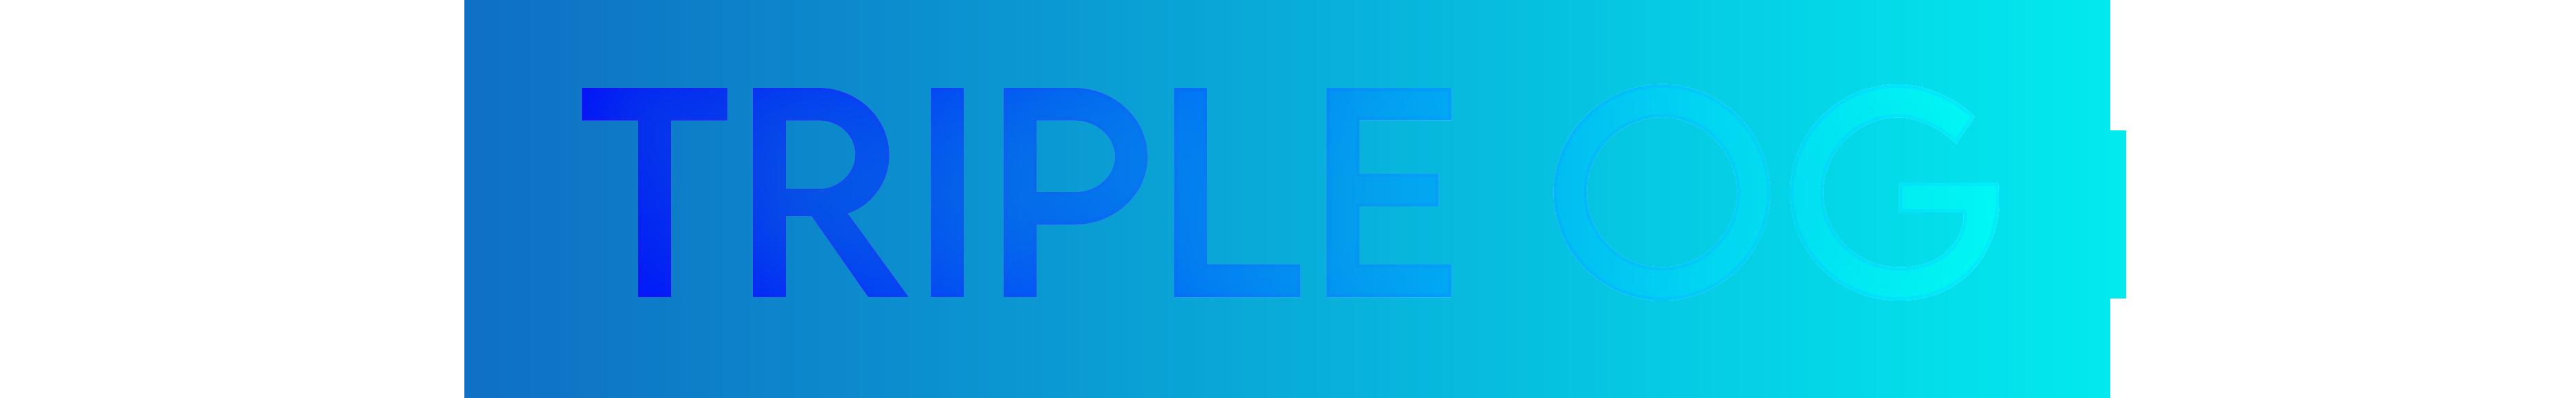 Triple_OG.png